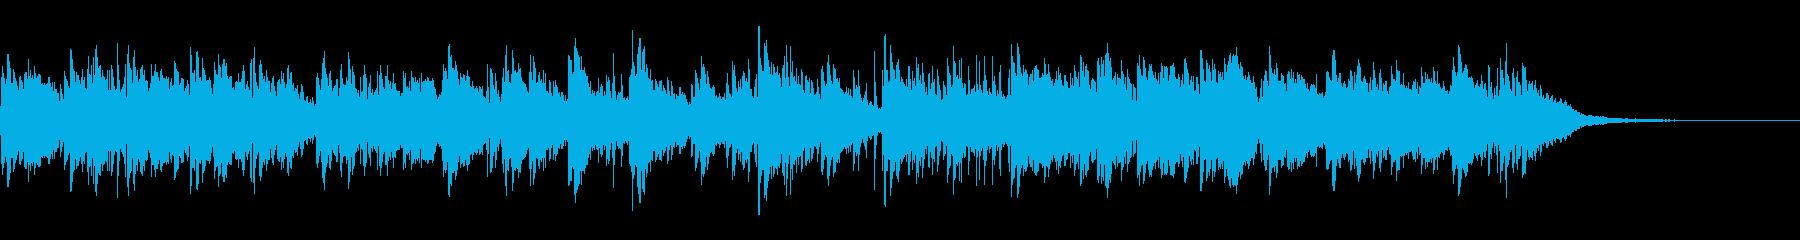 切ないピアノアンビエントの再生済みの波形